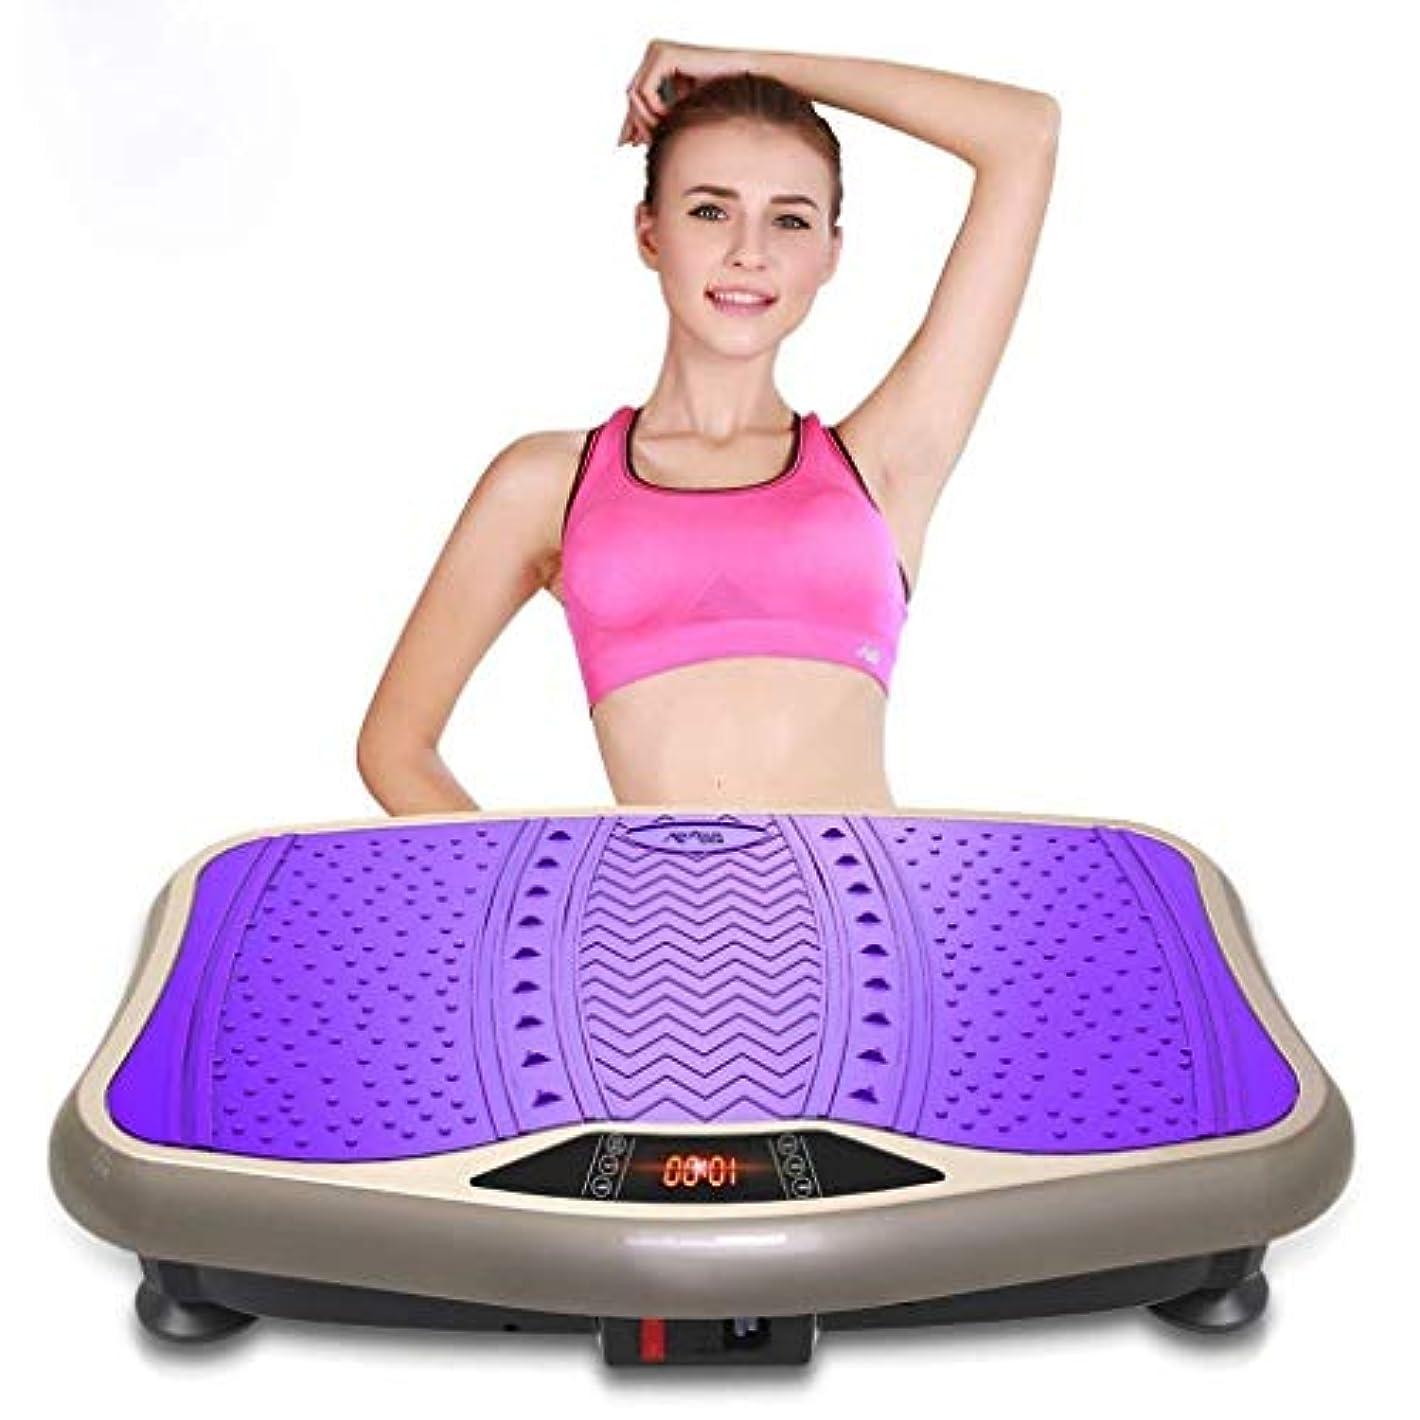 酔った未使用親減量装置、多機能フィットネス振動マシン、5モードボディシェークマッサージャー、体重を減らし、体型を整え、過剰な体脂肪を減らすことができます